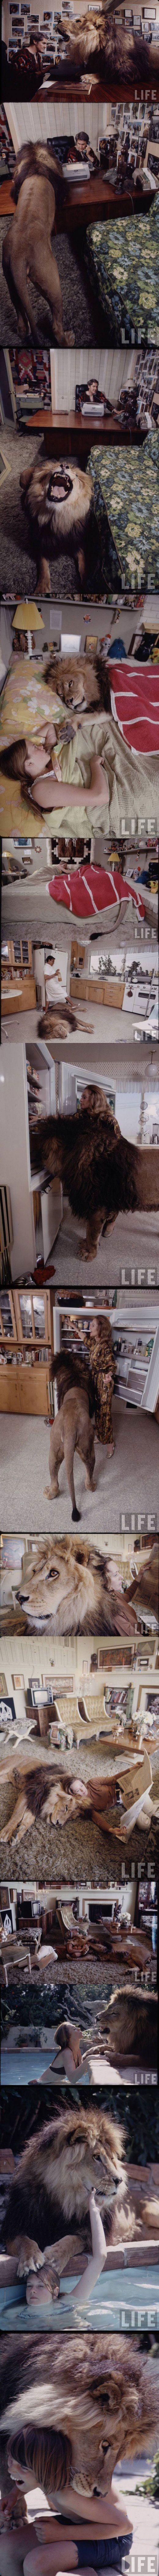 best cat lady images on pinterest